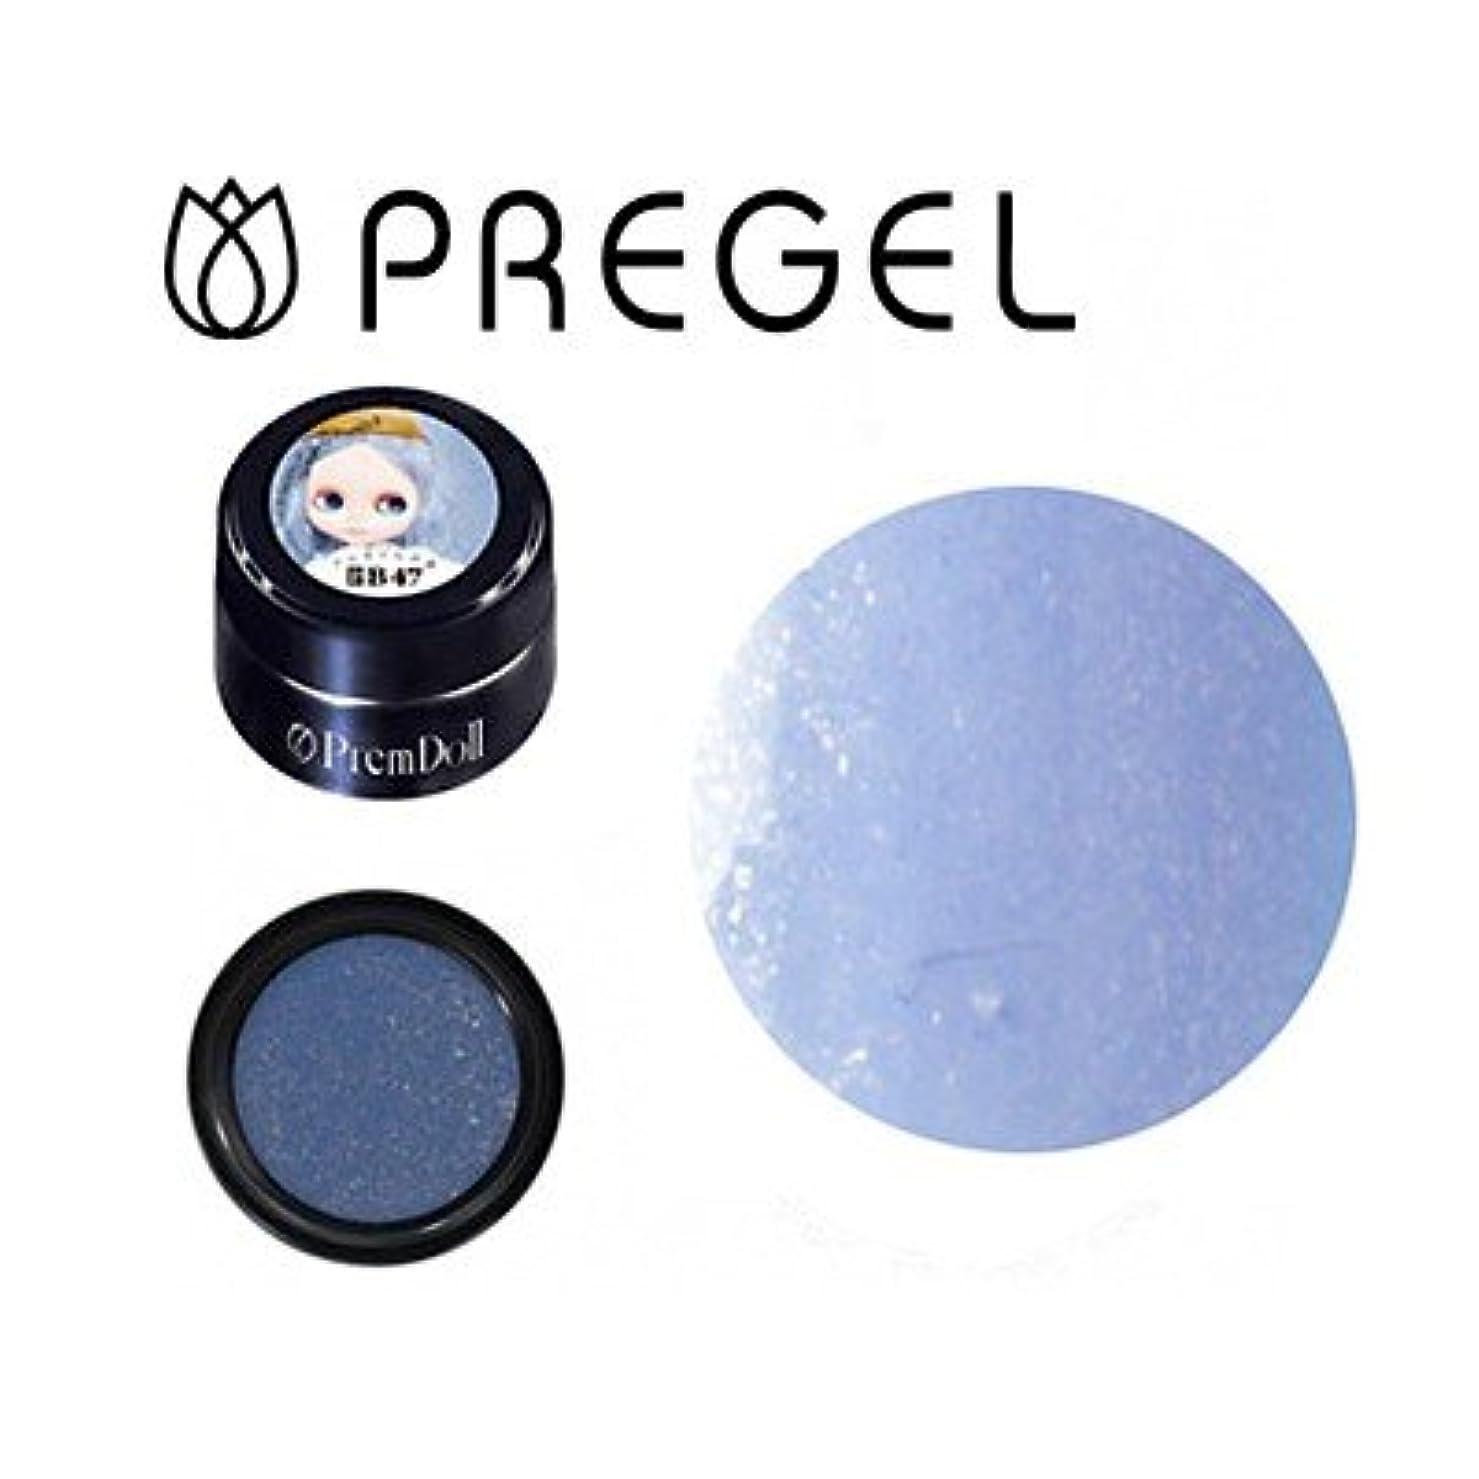 奇跡逆説セージジェルネイル カラージェル プリジェル PREGEL プリムドール ジェーンレフロイシリーズ DOLL-B47 アルタイルの涙